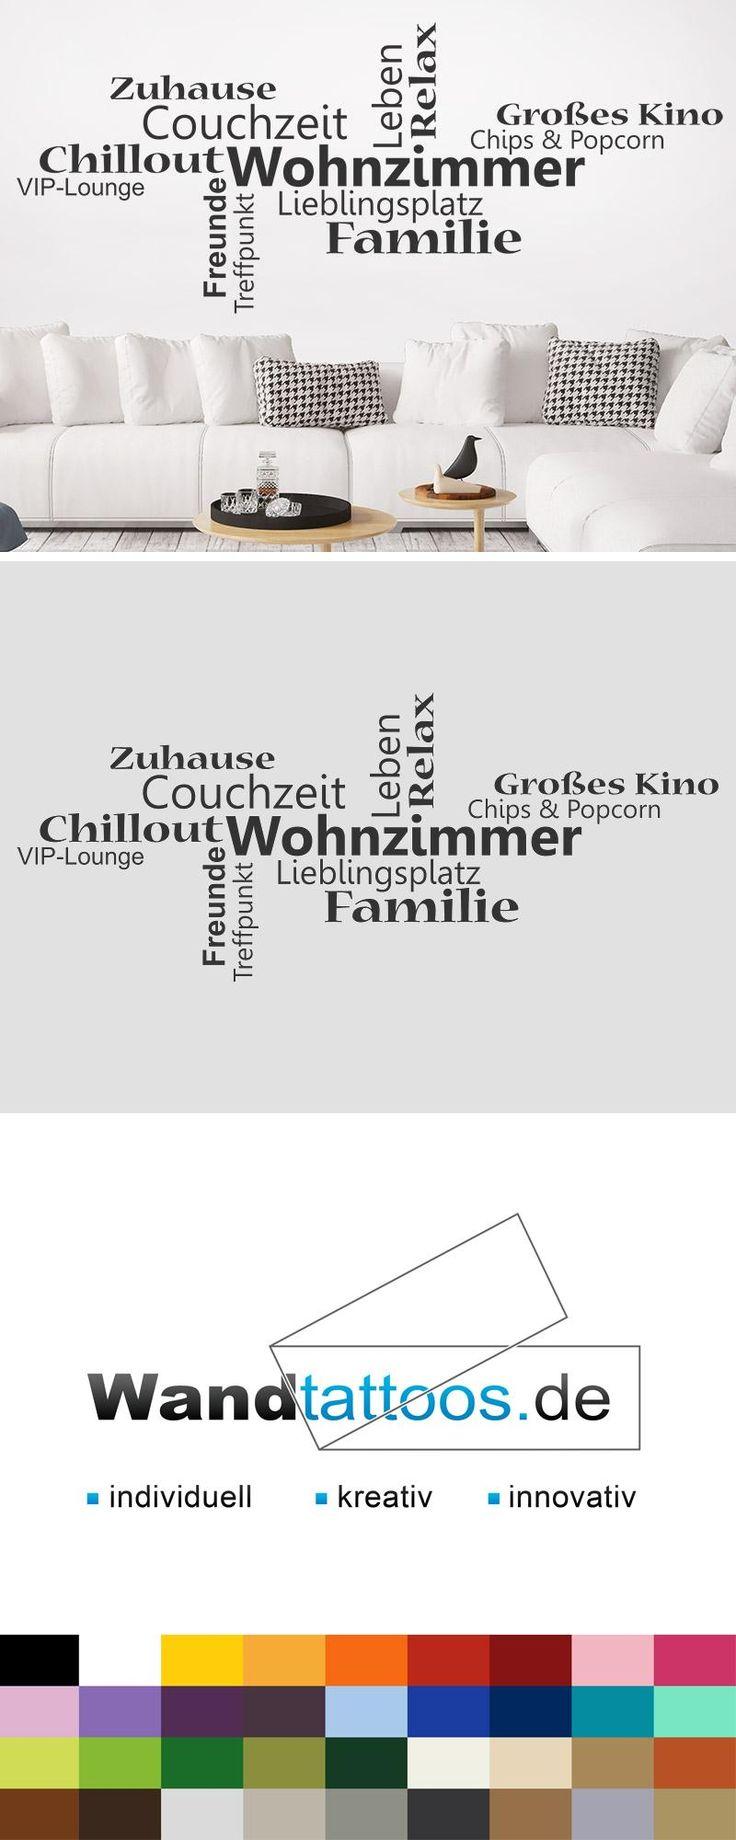 Trend Wandtattoo Wortwolke Wohnzimmer